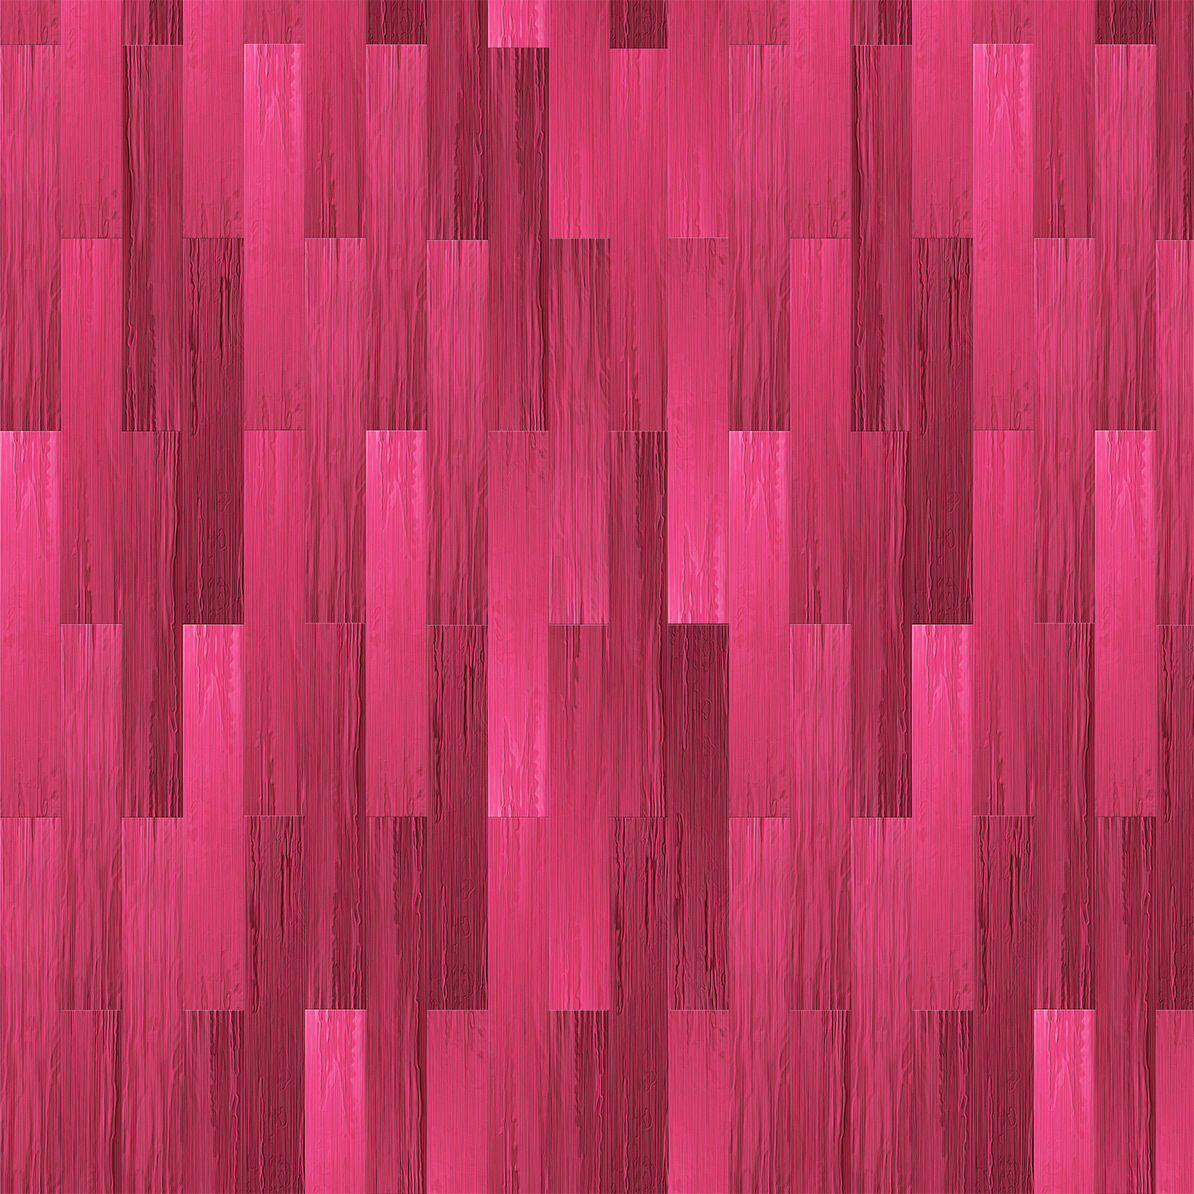 Pink Floor Boards Get On The Dance Floor In 2019